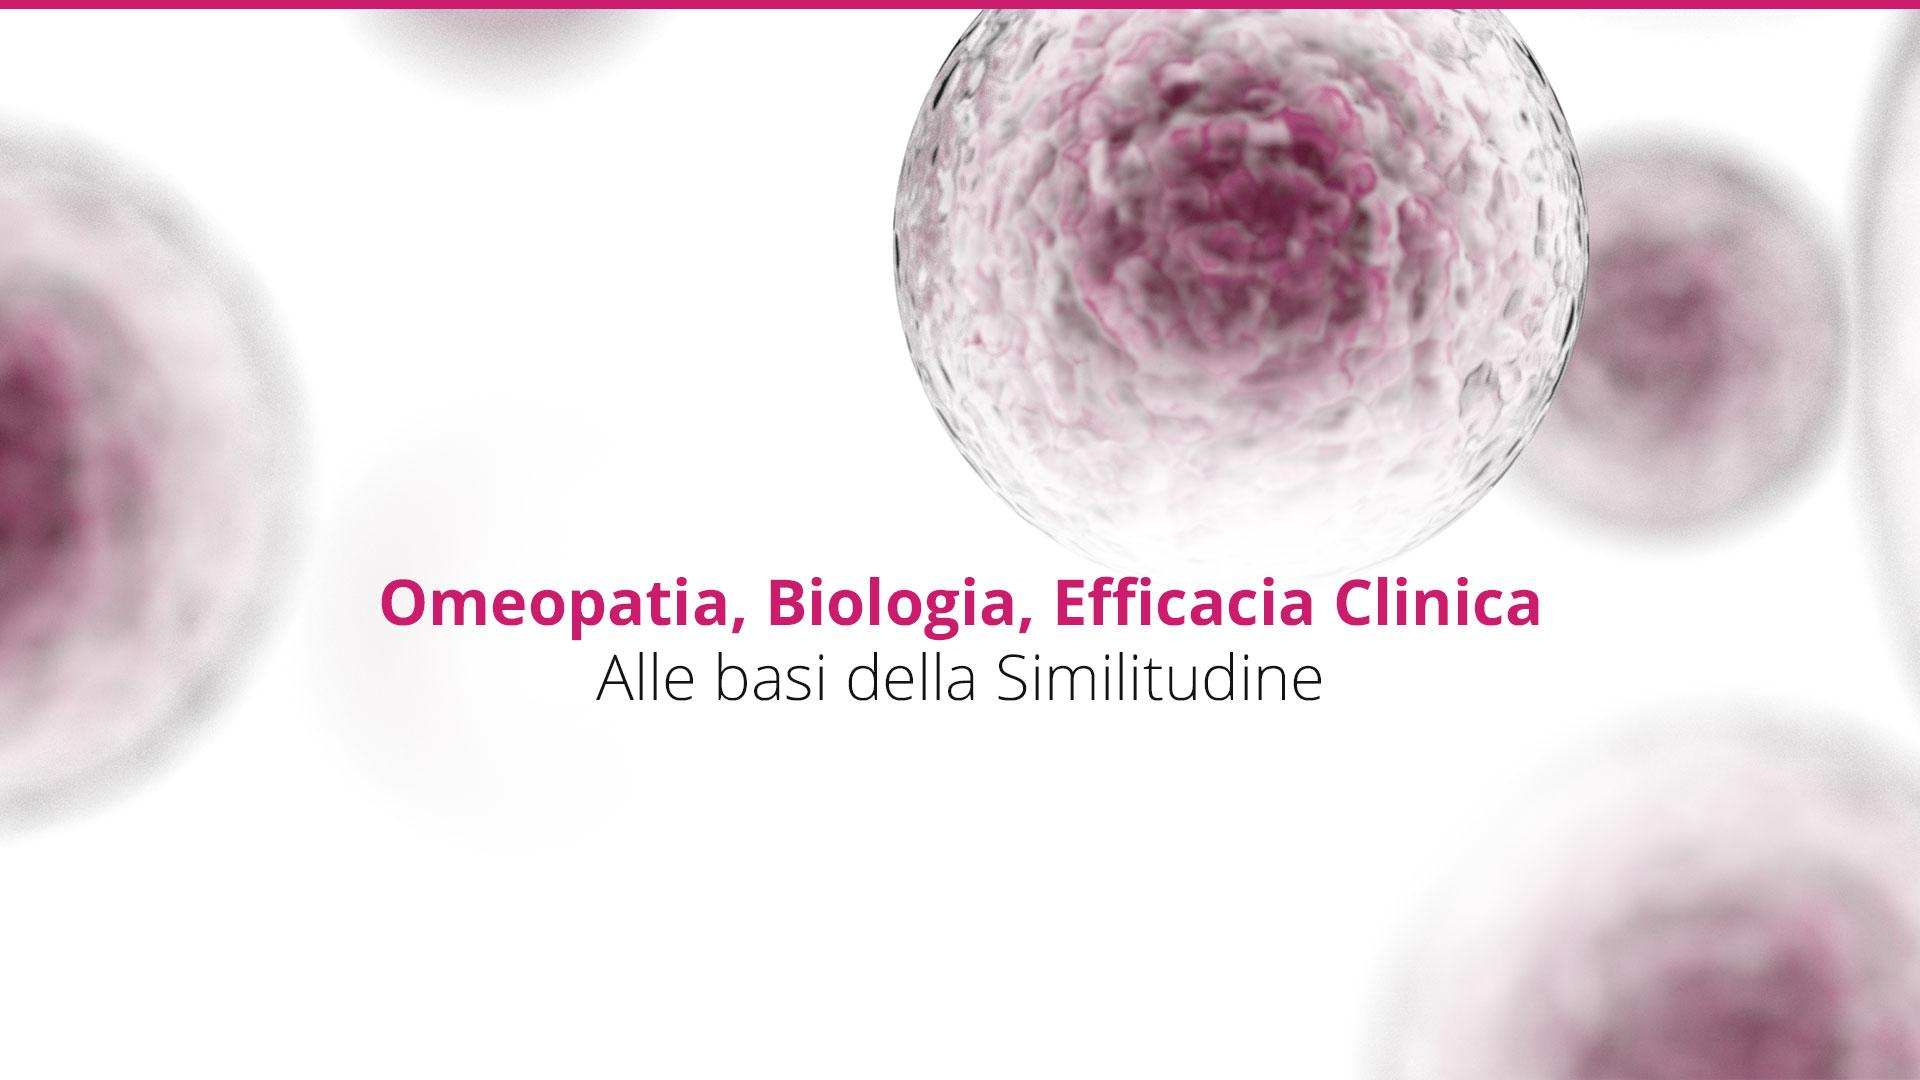 Omeopatia, Biologia, Efficacia Clinica Alle basi della Similitudine